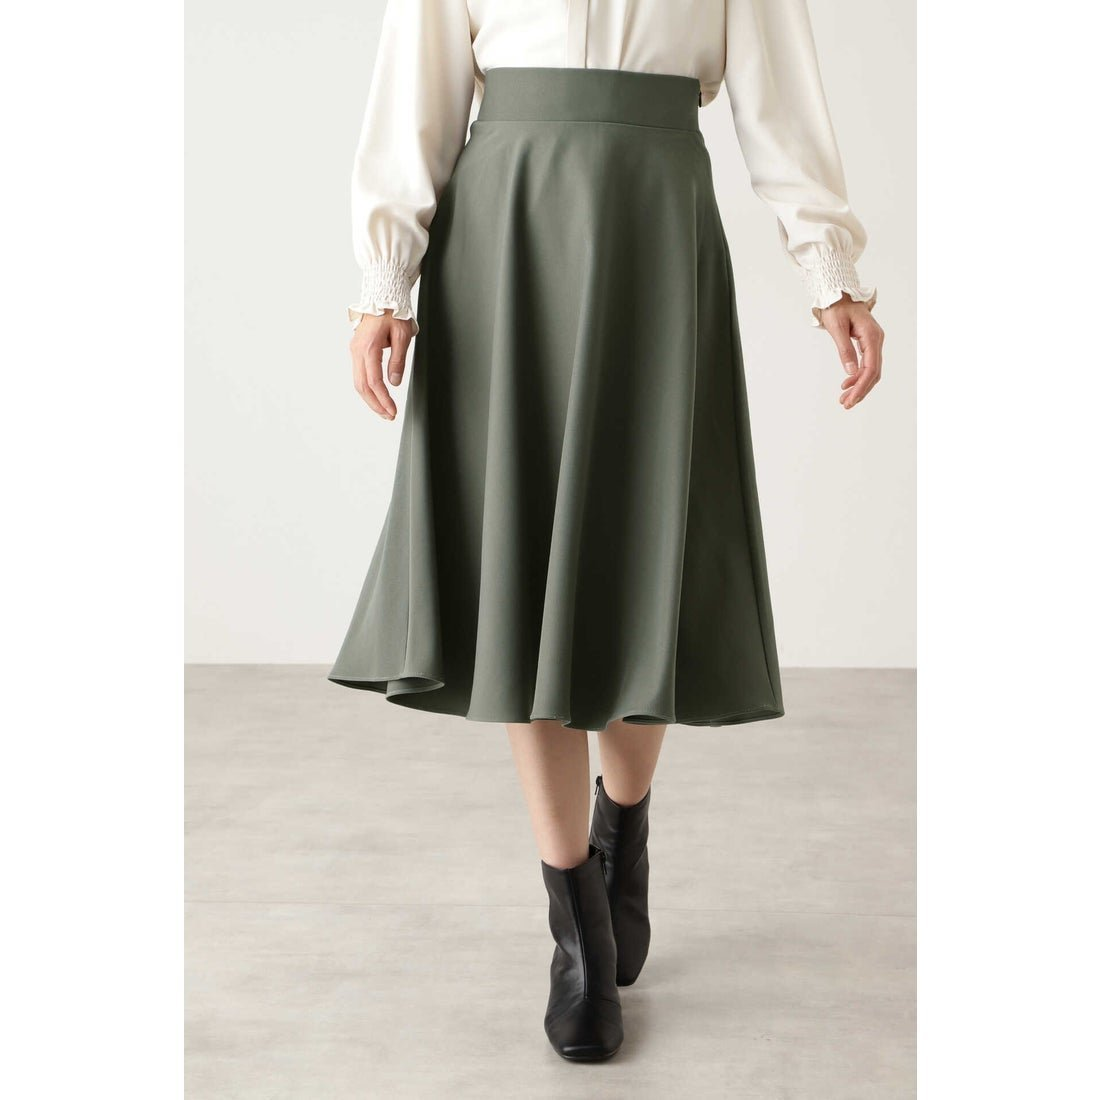 大人っぽいムードを与えてくれるスモーキーカラーのフレアスカート レディースファッション・服の通販 founy(ファニー) 【エヌ ナチュラルビューティーベーシック/N.Natural Beauty basic】 トレンドファッション・スタイル  Fashion trends ブランド Brand ファッション Fashion レディースファッション WOMEN スカート Skirt Aライン/フレアスカート Flared A-Line Skirts フレア ベーシック ミモレ  ID:prp329100000933341